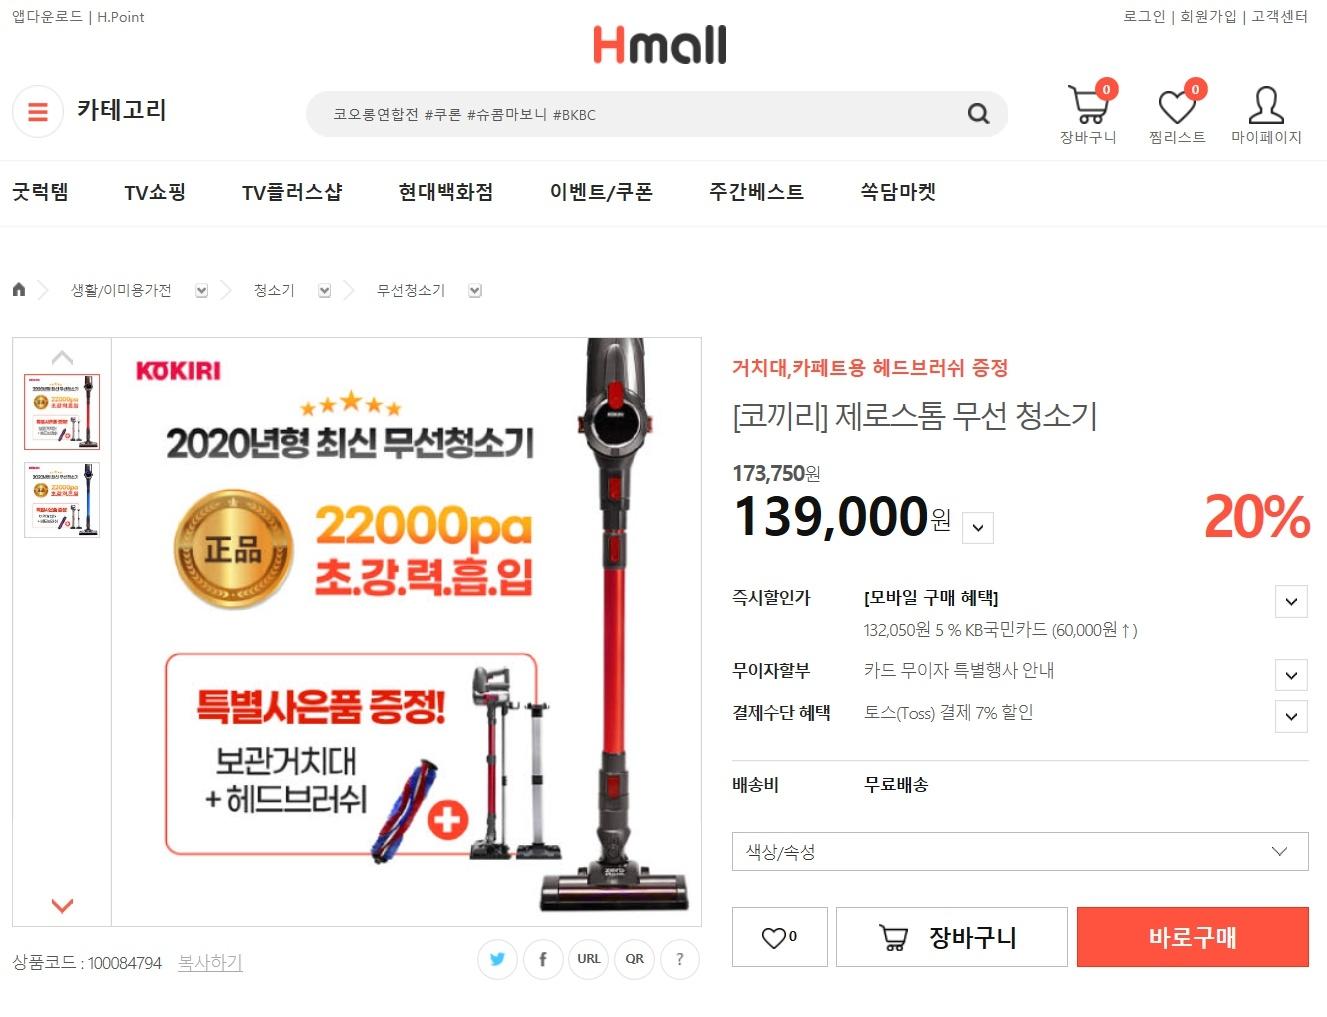 [현대H몰] 제로스톰 무선청소기 단독런칭 특가행사 139,000원